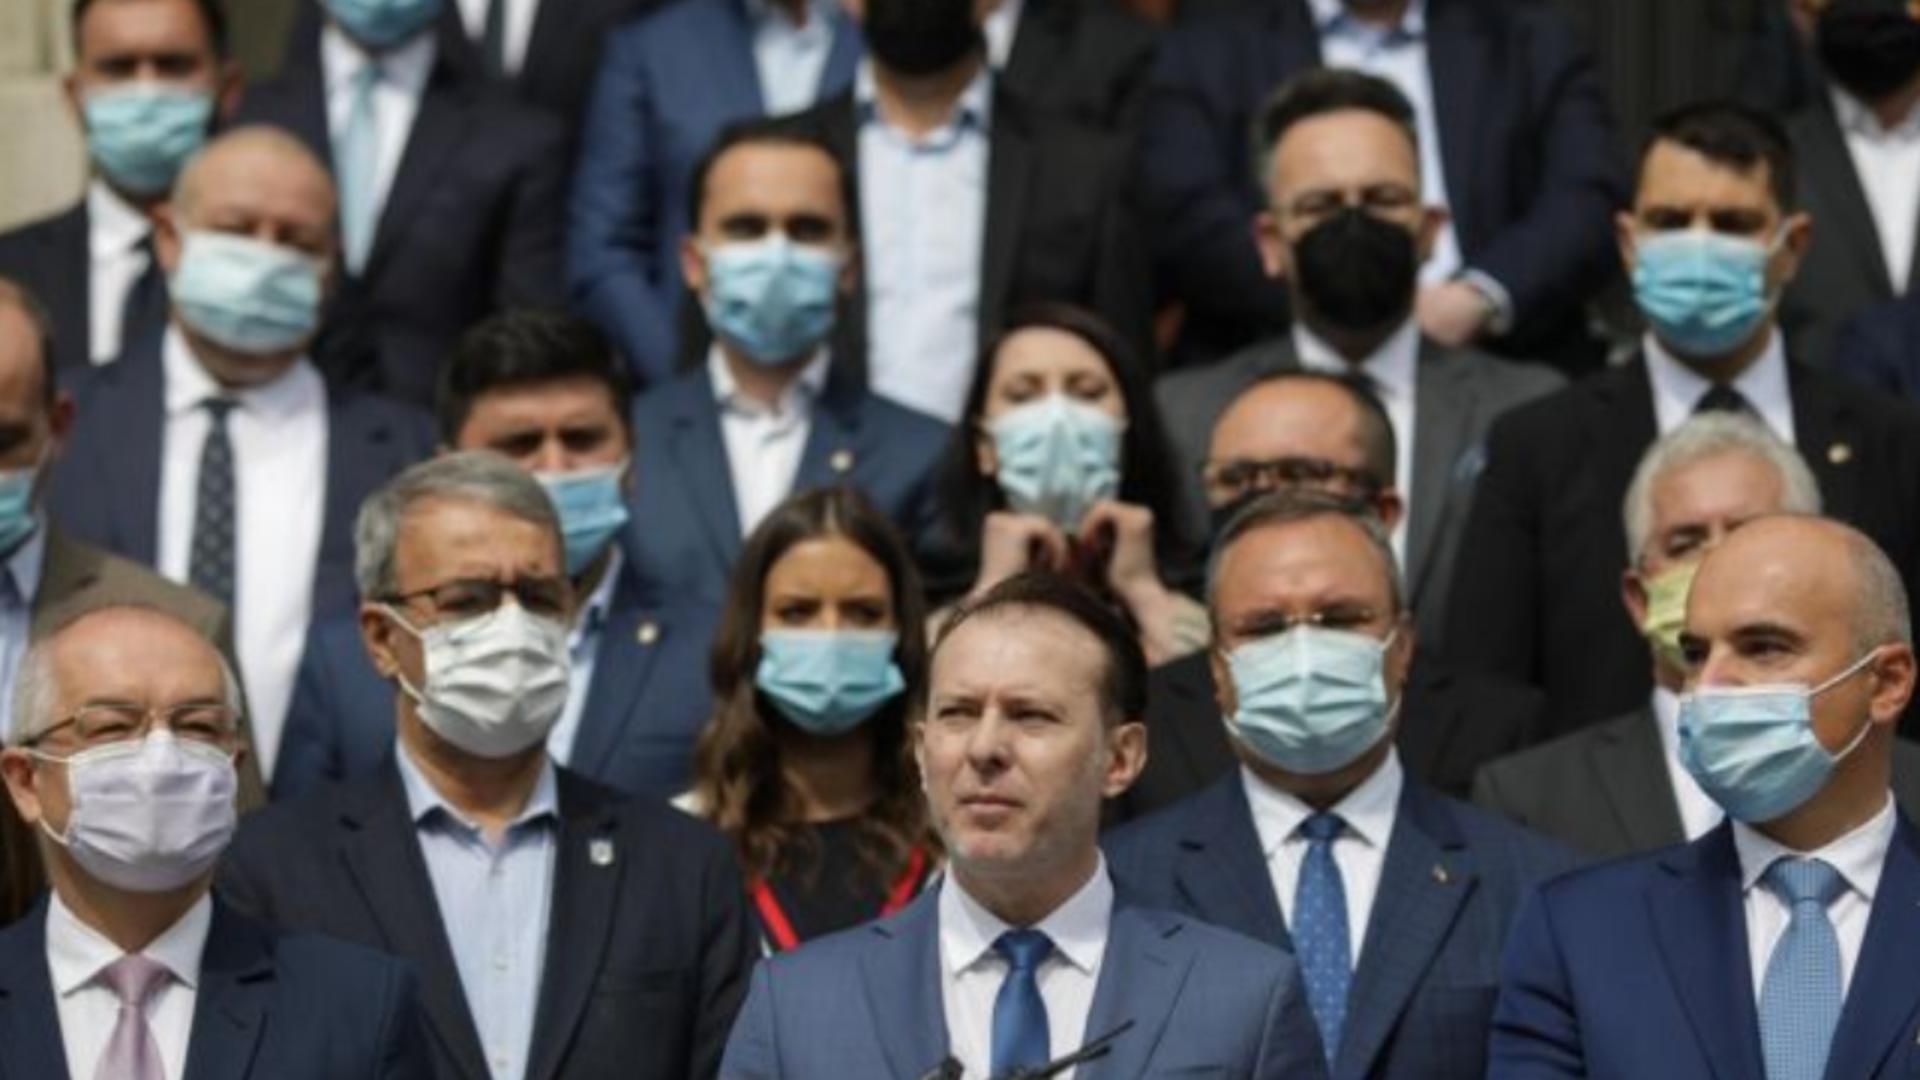 Tabăra Cîțu din PNL reacționează după contestația candidaturii premierului Foto: INQUAM